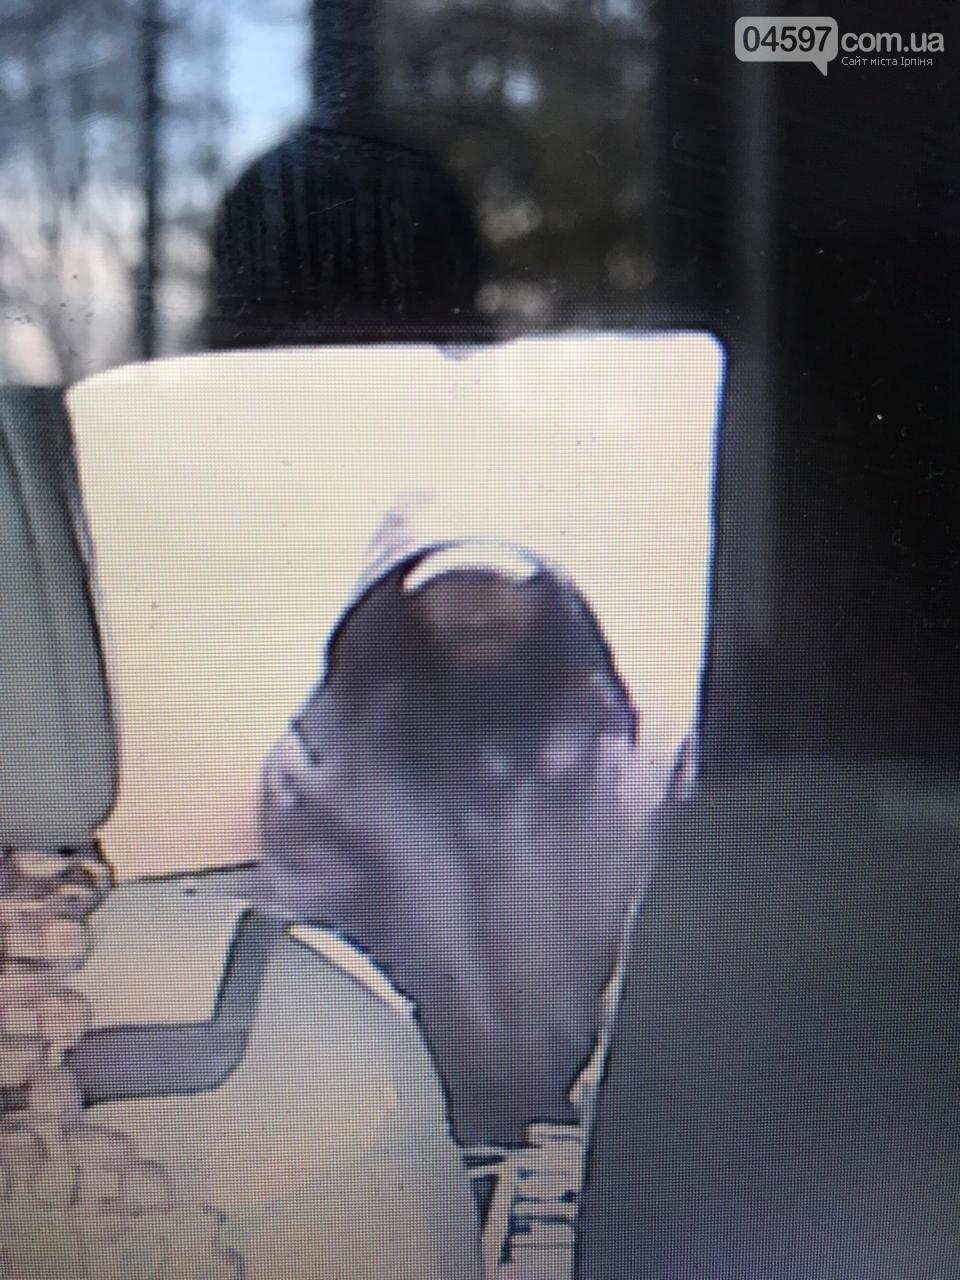 ПриватБанк оприлюднив фото нападника на інкасаторське авто в Ірпені, фото-2